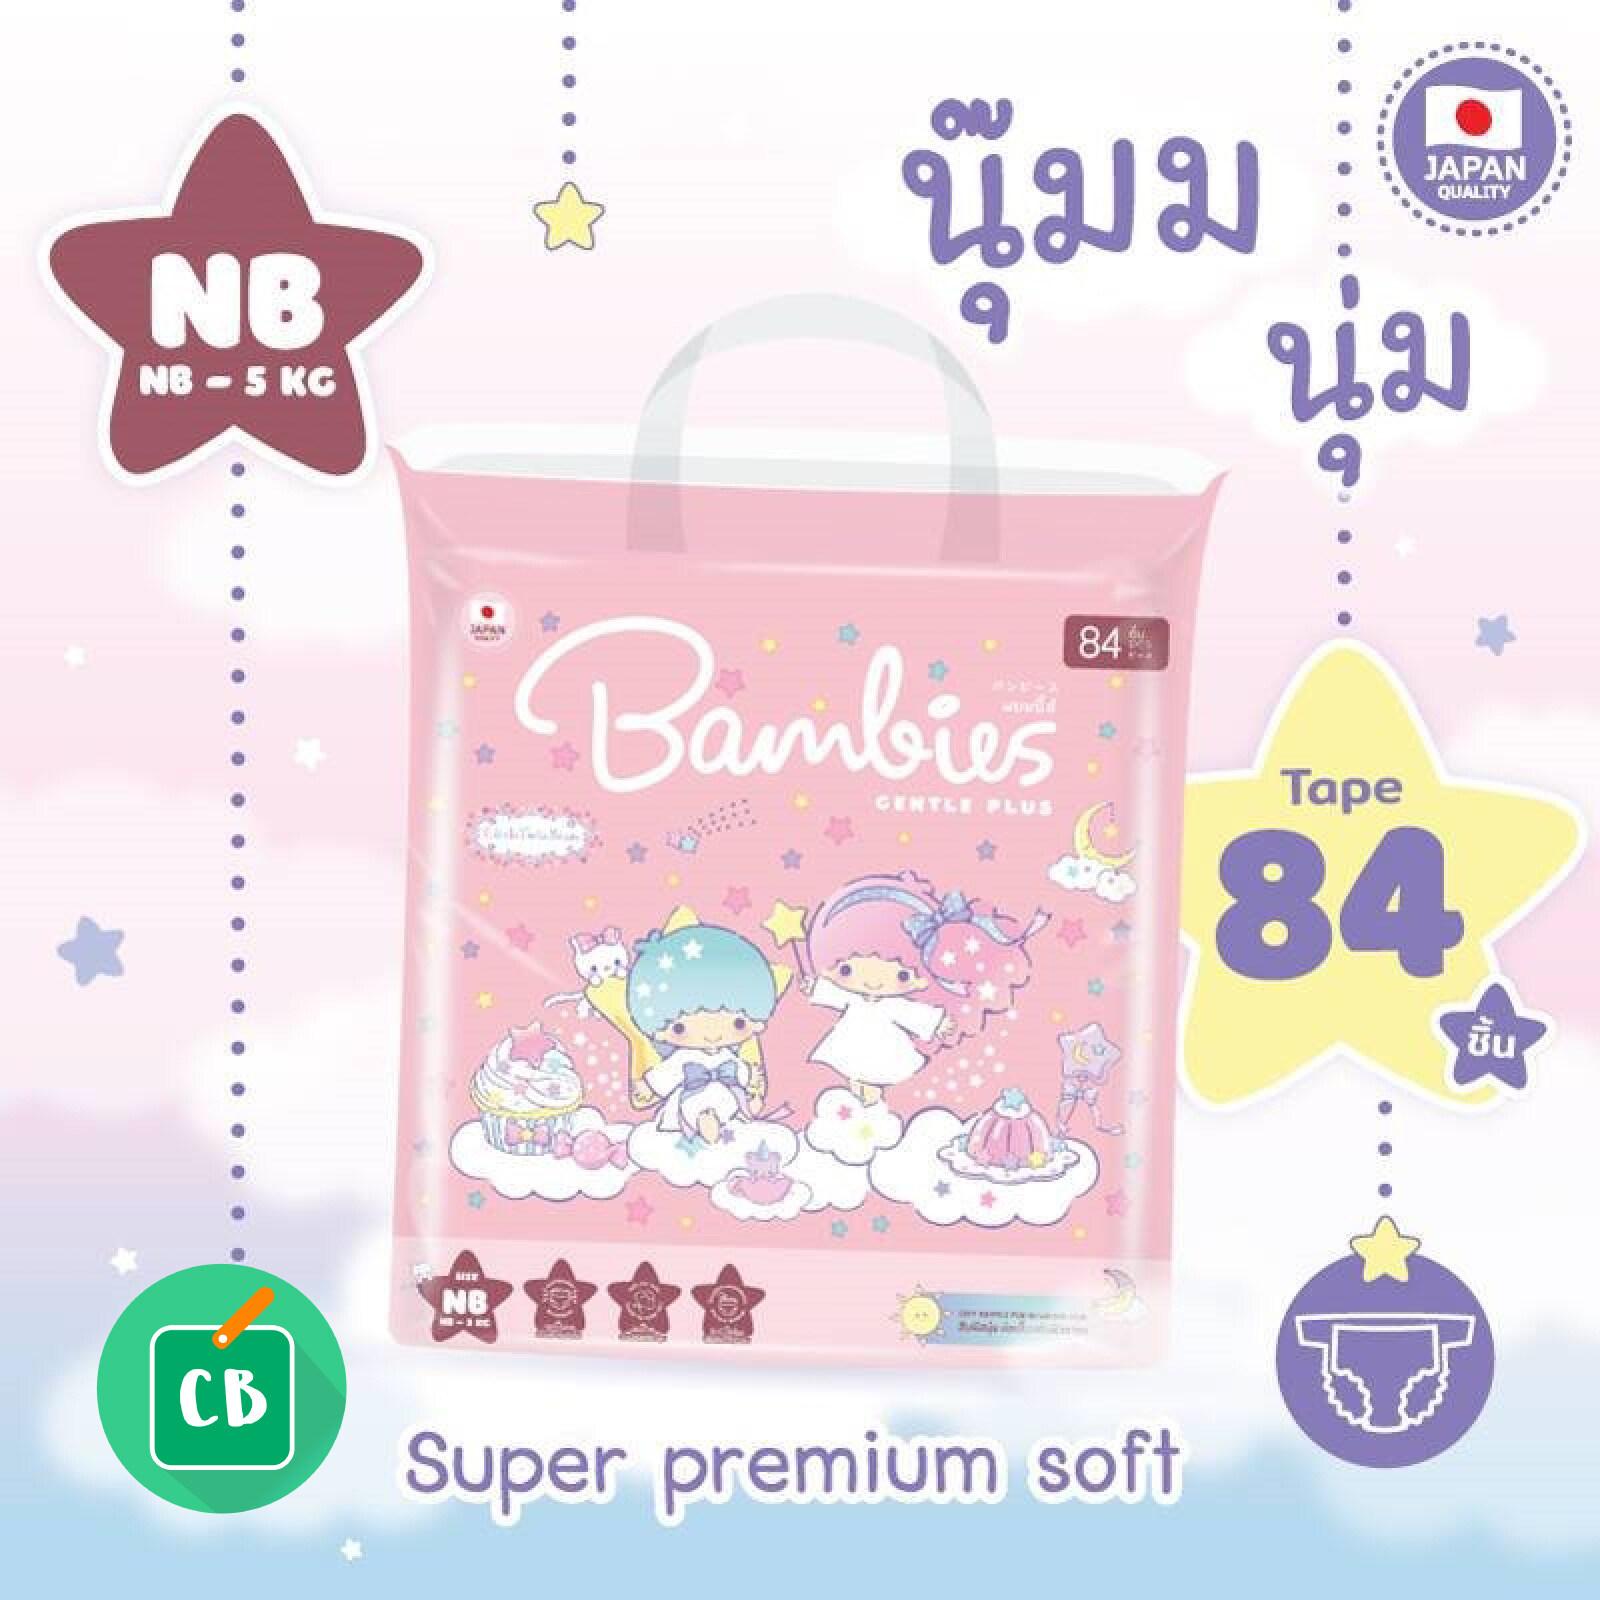 โปรโมชั่น BAMBIES - ผ้าอ้อมเด็ก แบบเทป Size NB (84 ชิ้น) รุ่น gentle plus   แพมเพิส ผ้าอ้อมสำเร็จรูป ญี่ปุ่น